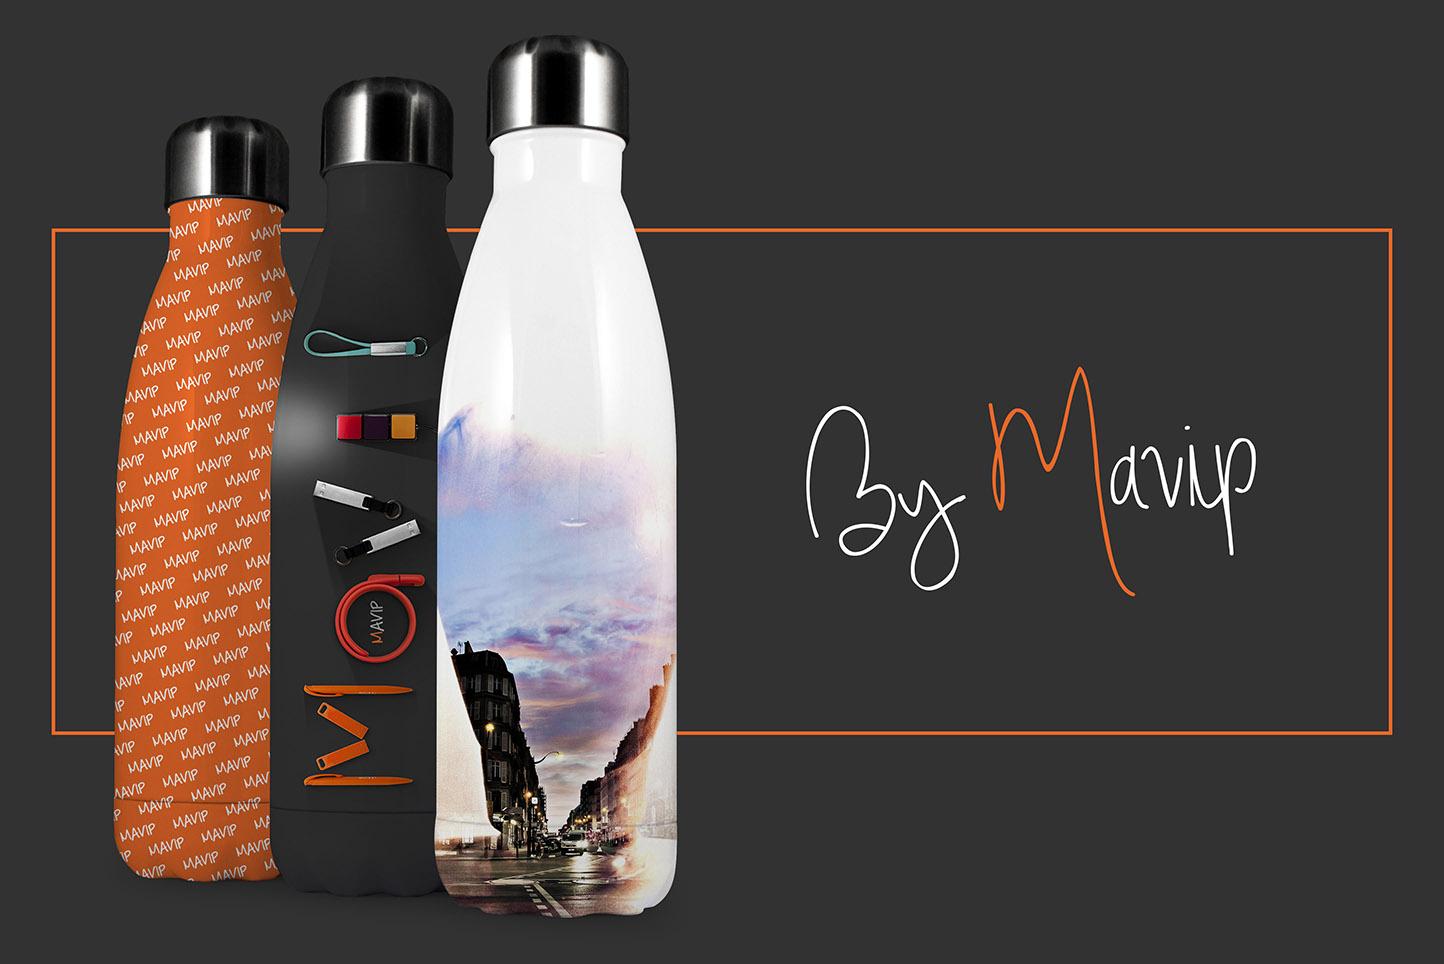 Trouvez plein d'idées de réalisation d'objet média sur notre blog Mavip